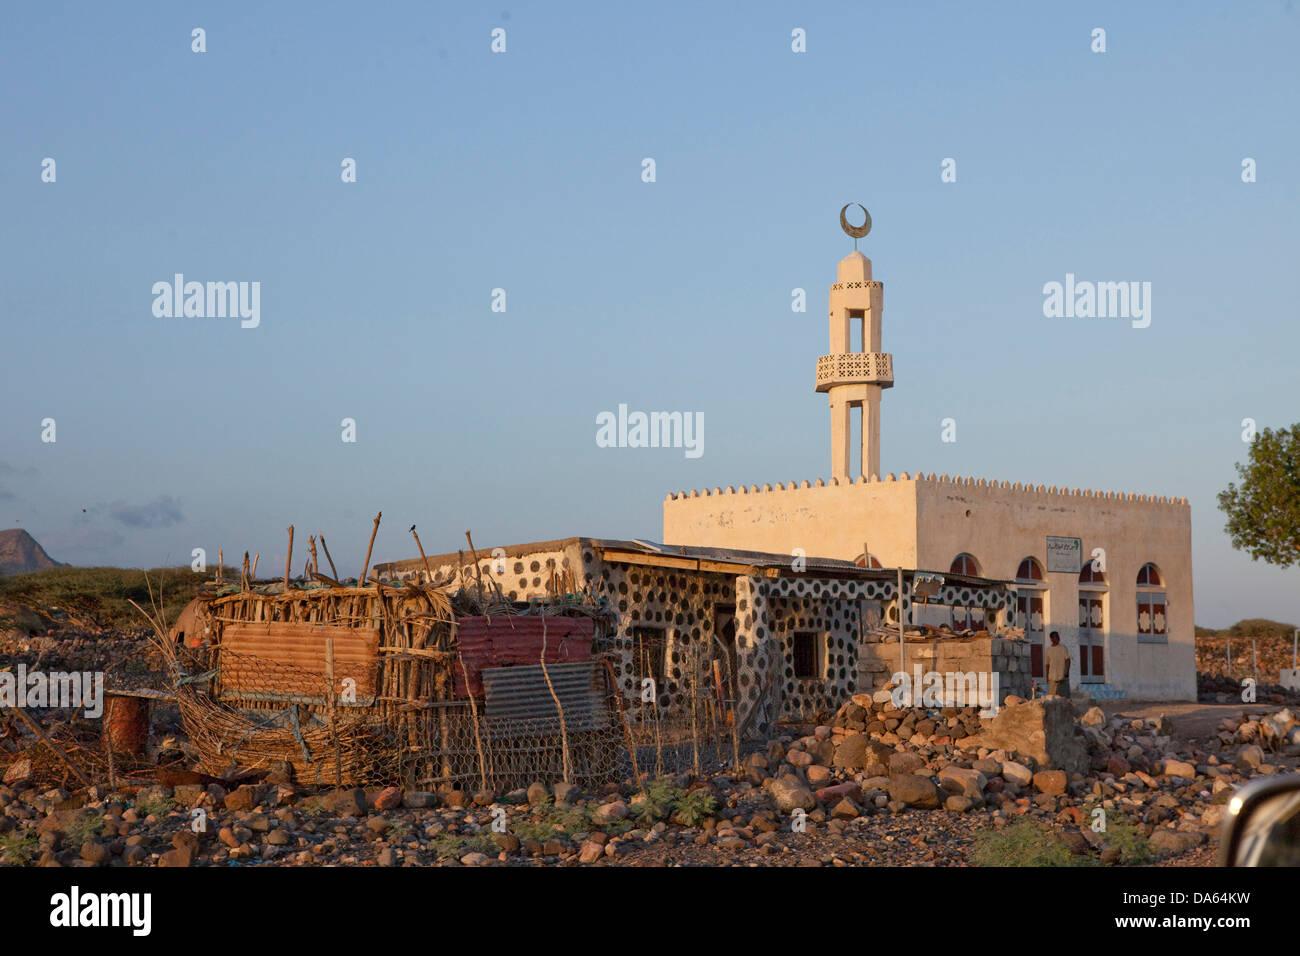 Tadjoura, Rotes Meer, Afrika, Tourismus, Dschibuti, Minarett Stockbild